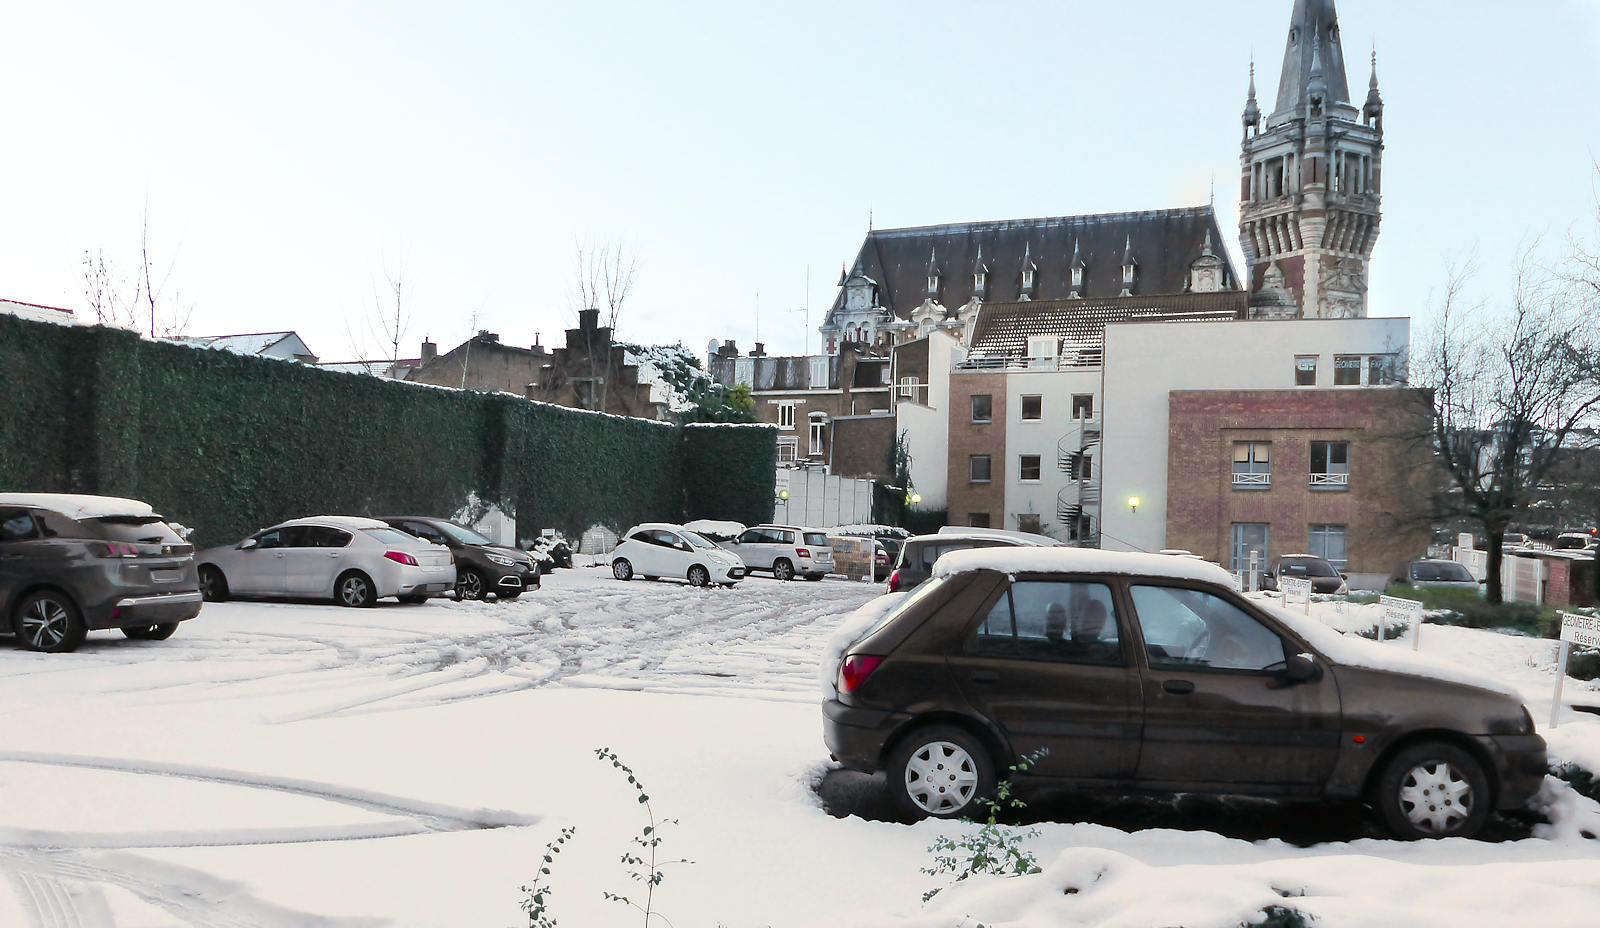 Le parking sous la neige en 2019